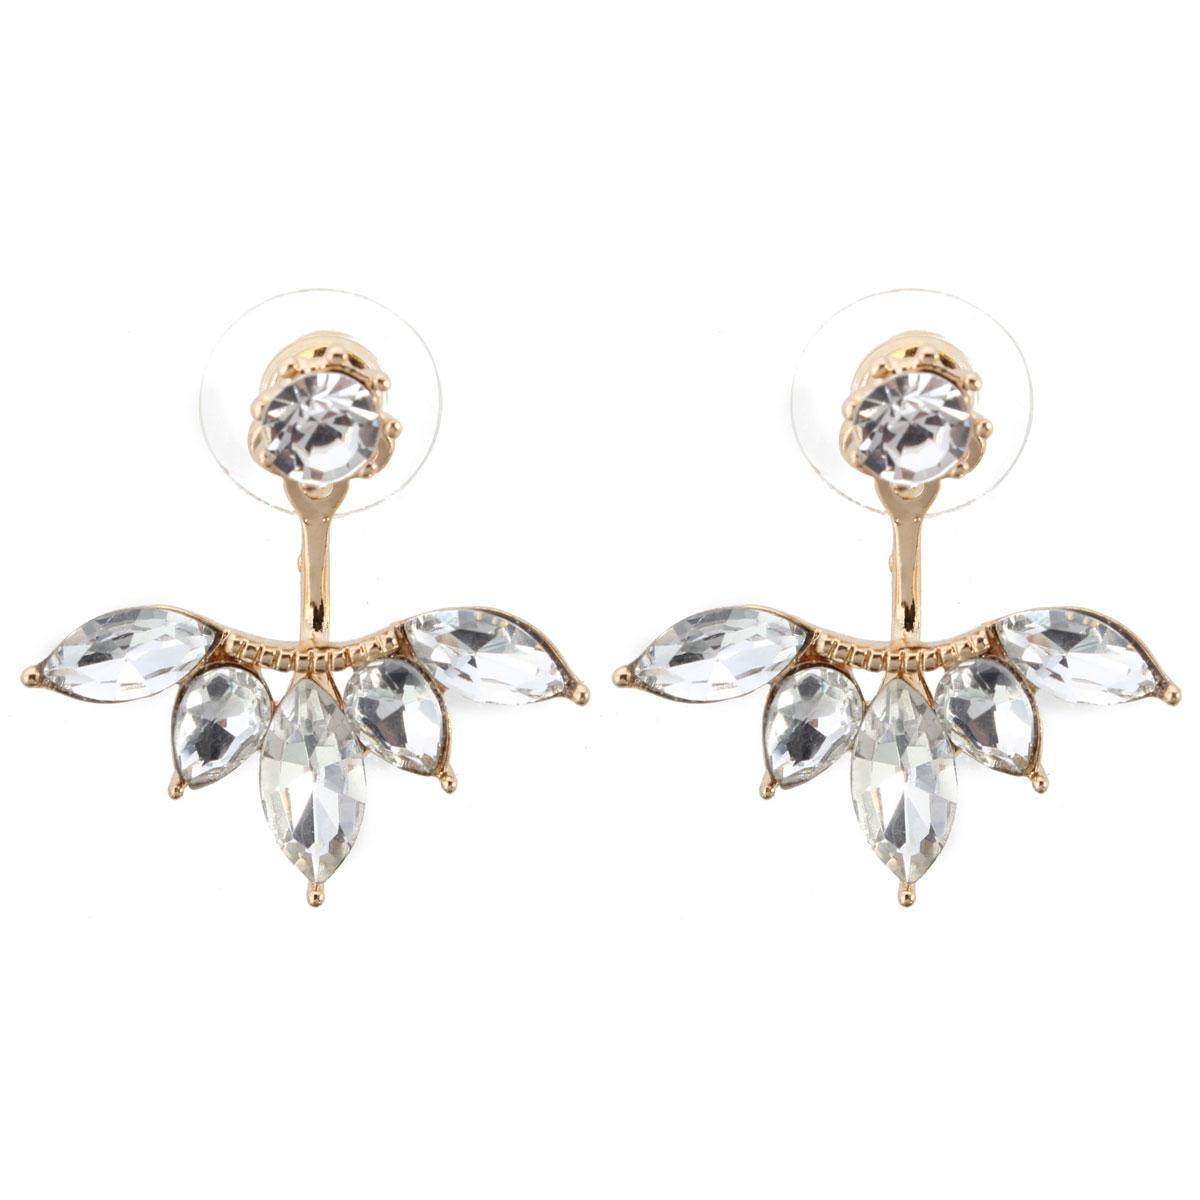 Women's Elegant Silver Gold Plated Zircon Leaf Ear Stud Earrings Jewellery Gold Colour